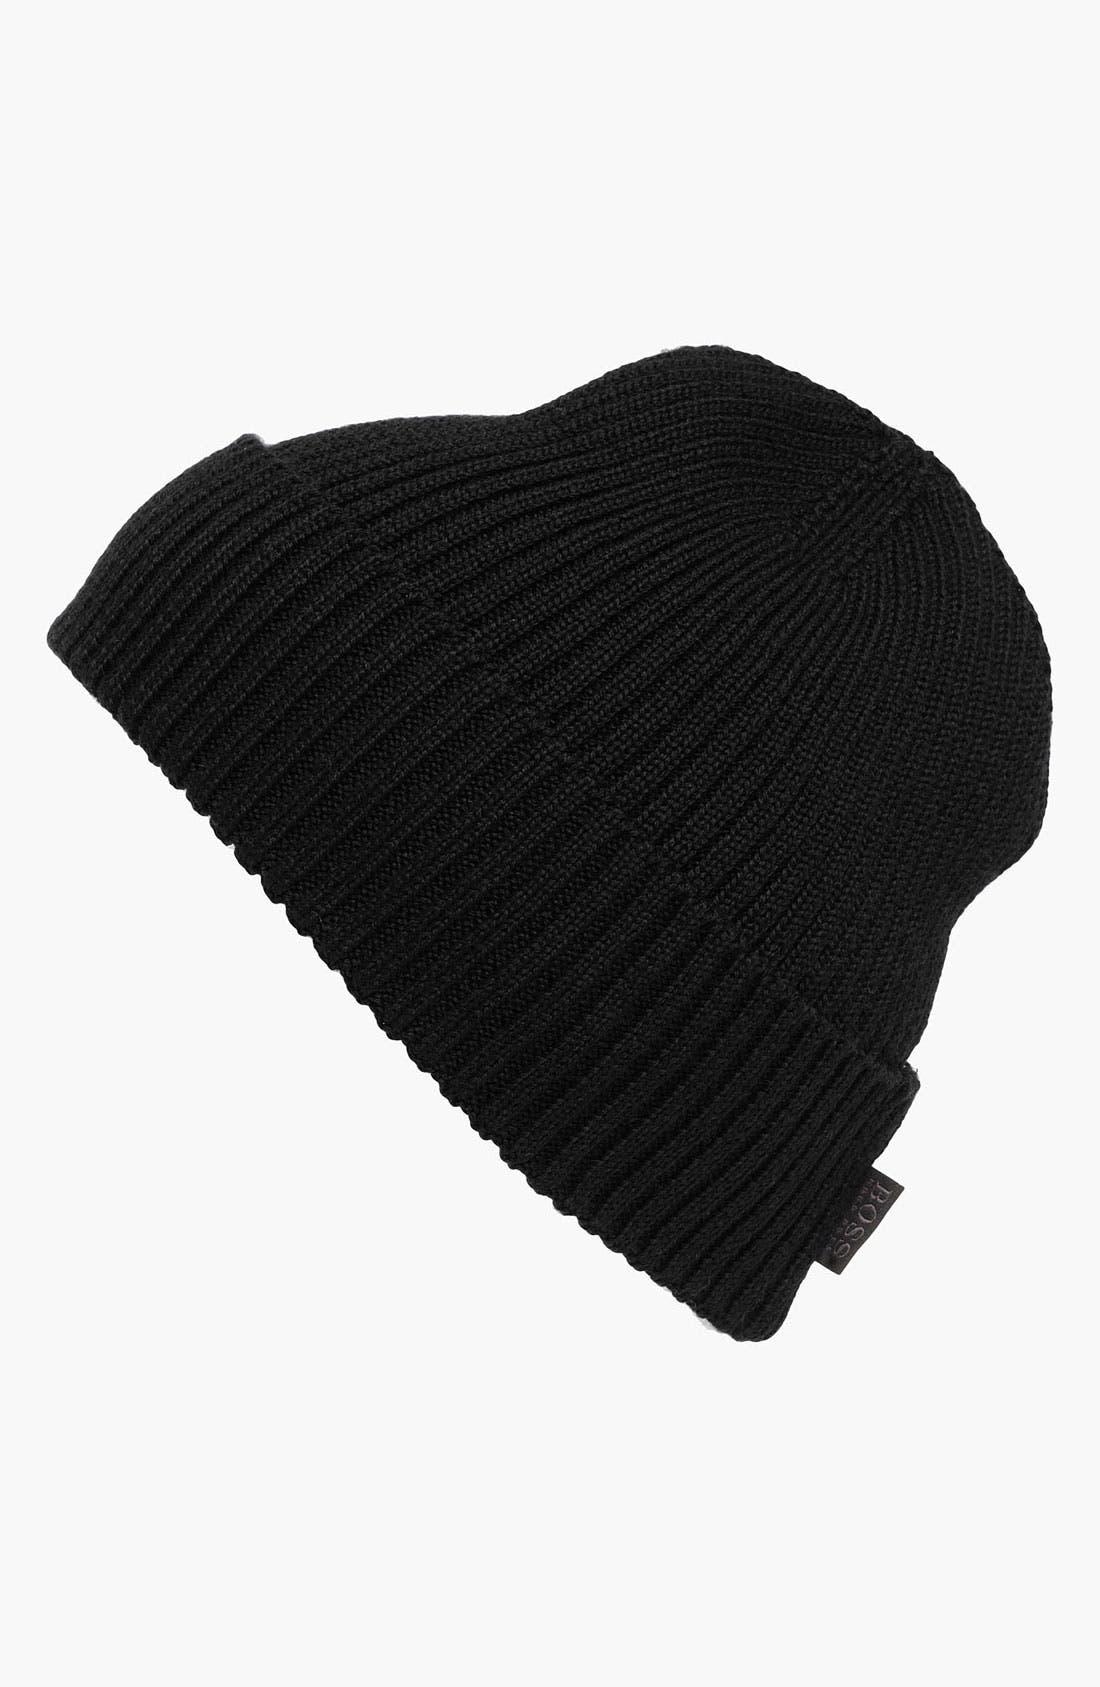 Alternate Image 1 Selected - BOSS Black 'Nattea' Wool Knit Cap